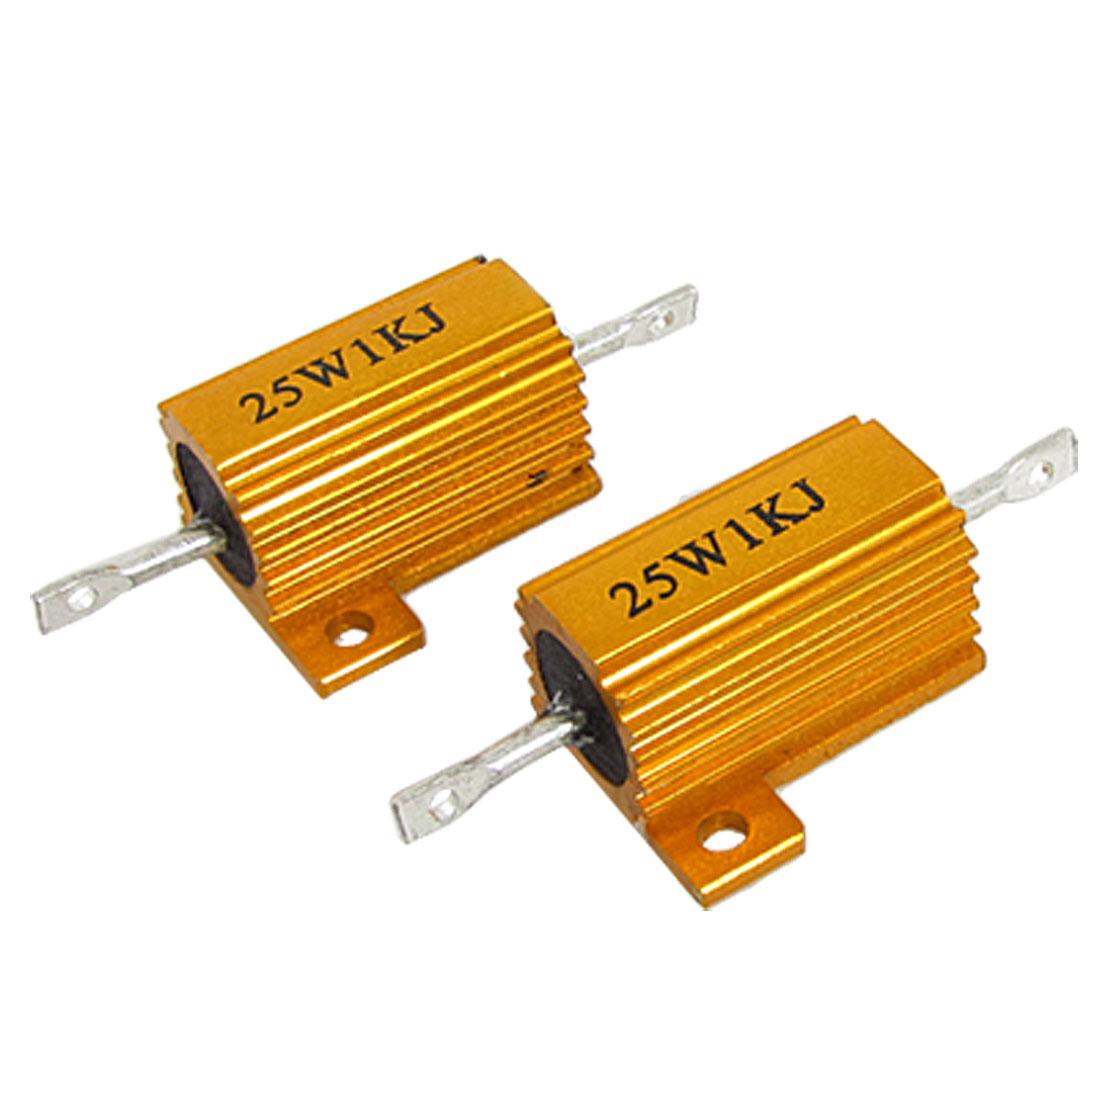 25W 1K Ohm 5% Gold Tone Aluminum Clad Wire Wound Resistors 2 Pcs